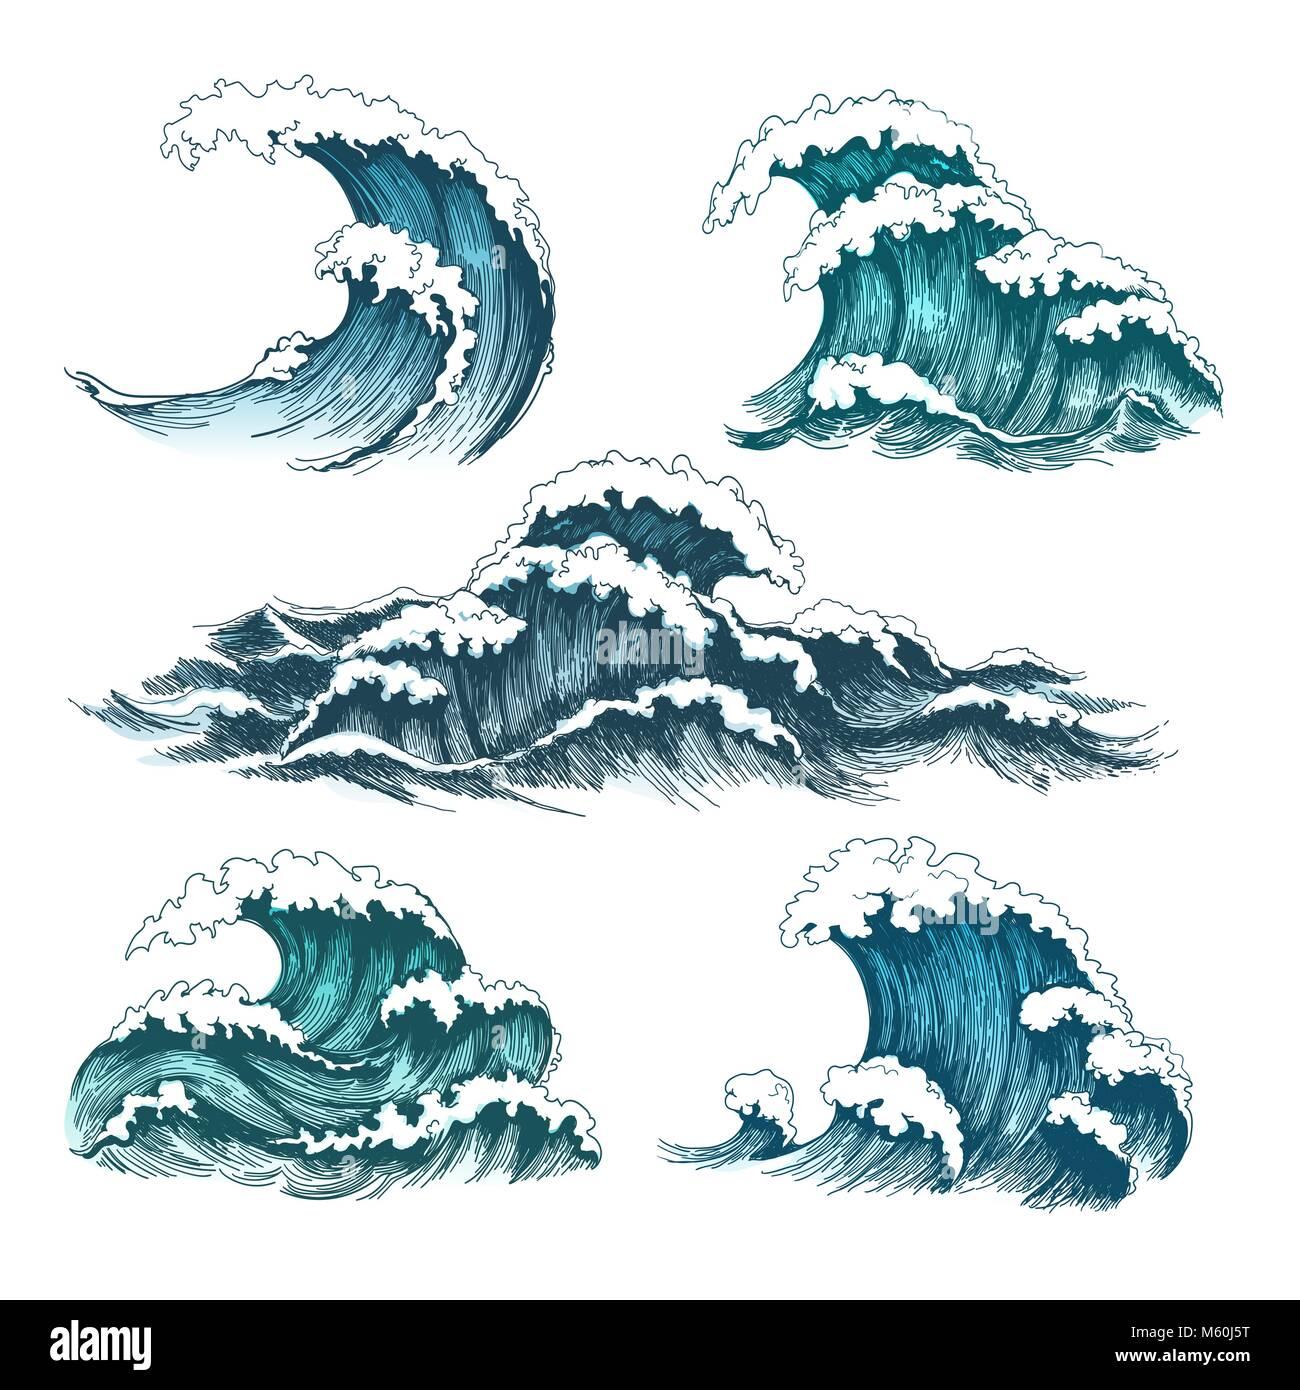 Les vagues de la mer dessin anim vintage vagues de temp te des mar es oc aniques isol sur - Vague coloriage ...